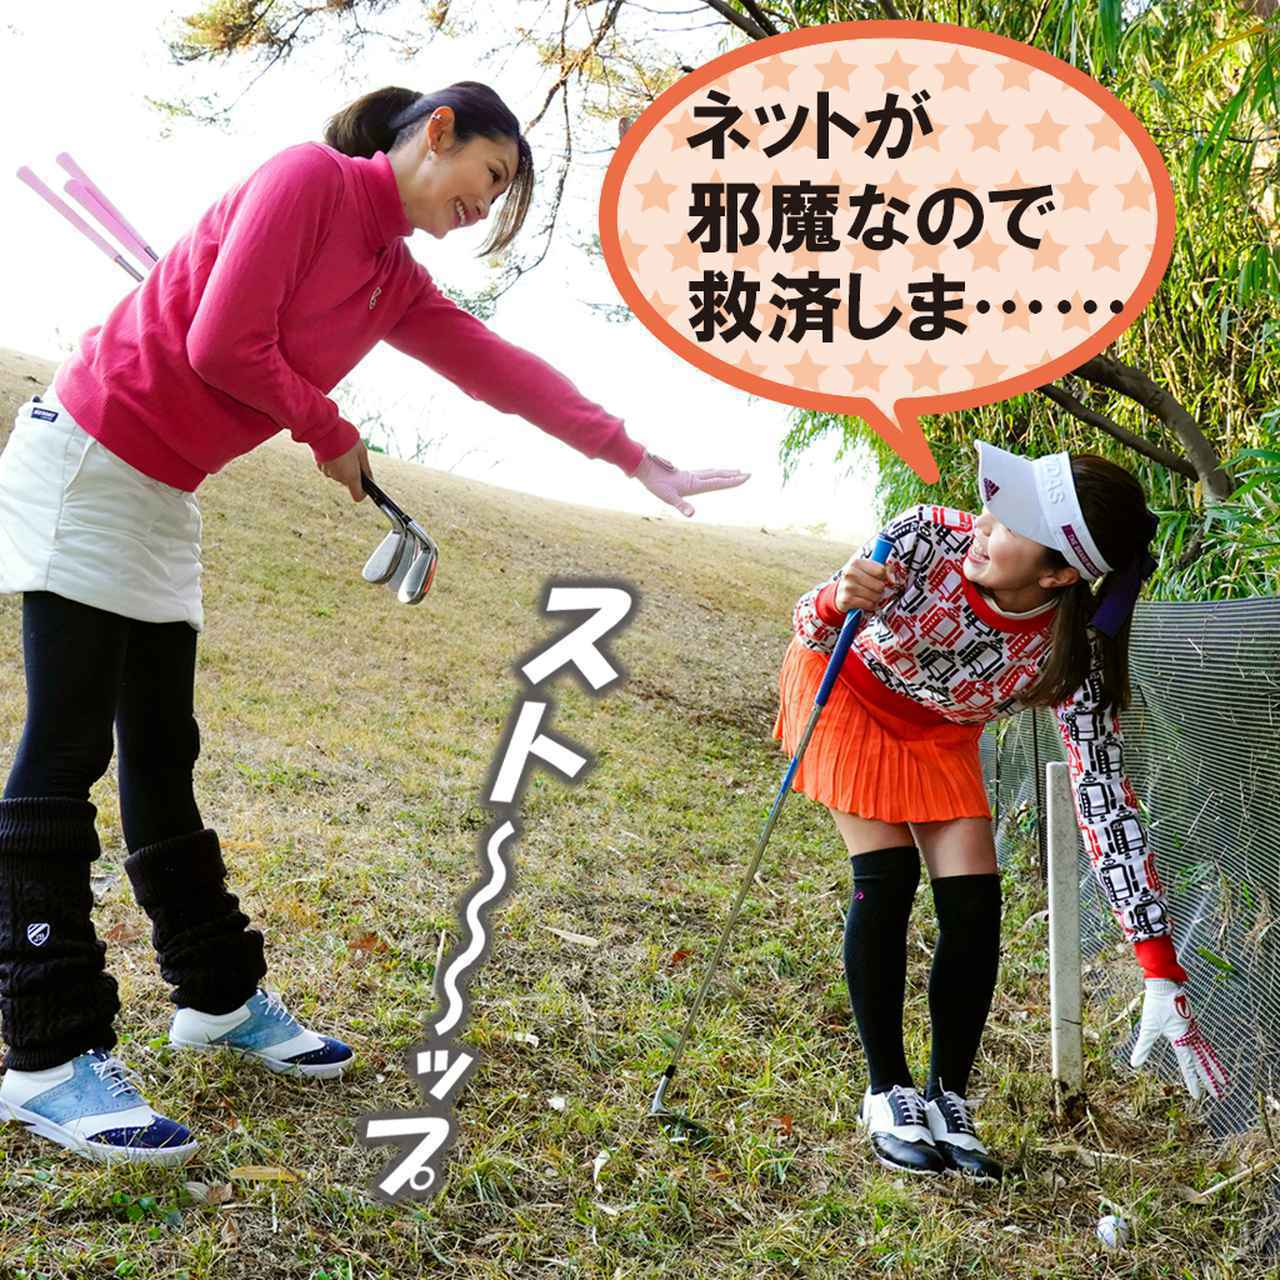 画像: 【新ルール】OB杭の外側にあるネットが邪魔! これって救済受けられる? - ゴルフへ行こうWEB by ゴルフダイジェスト